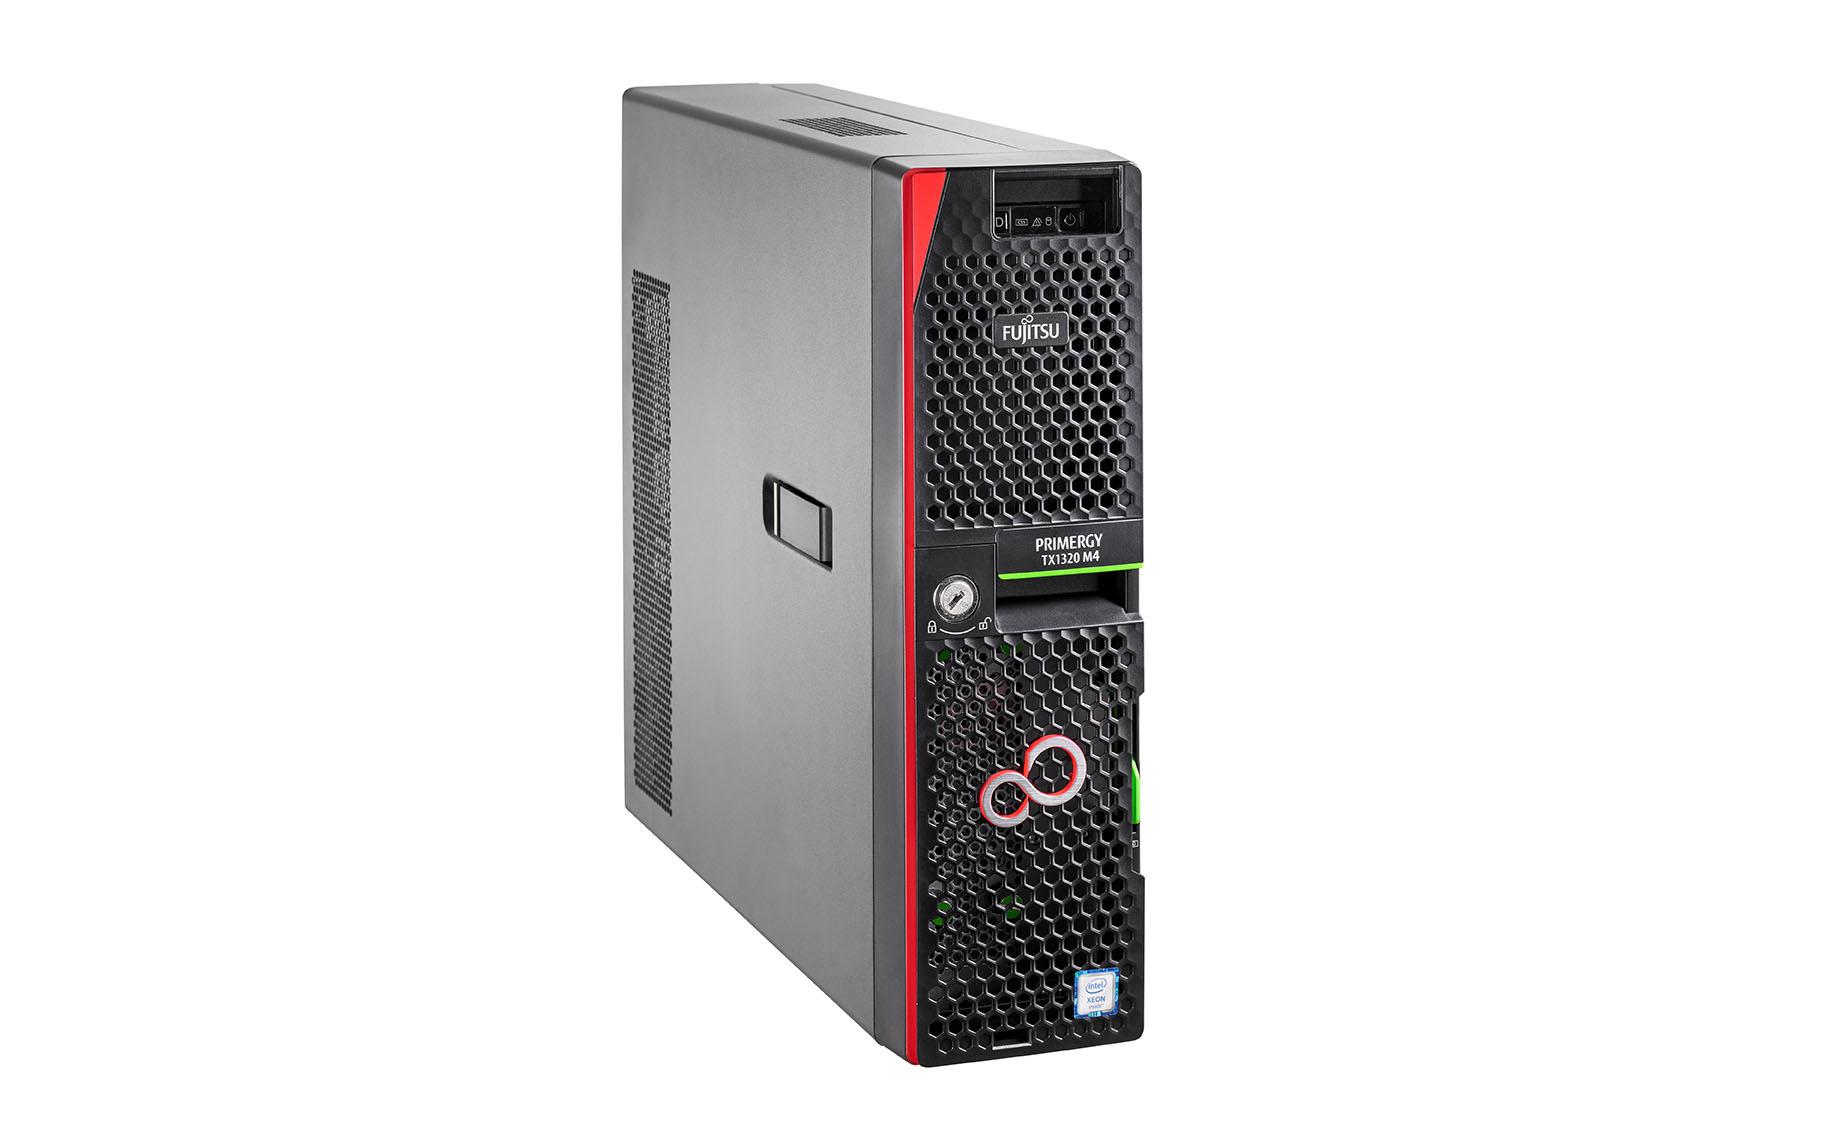 Fujitsu TX1320M4 Xeon E-2236 16GB 4SFF 450W - 3,4 GHz - 16 GB